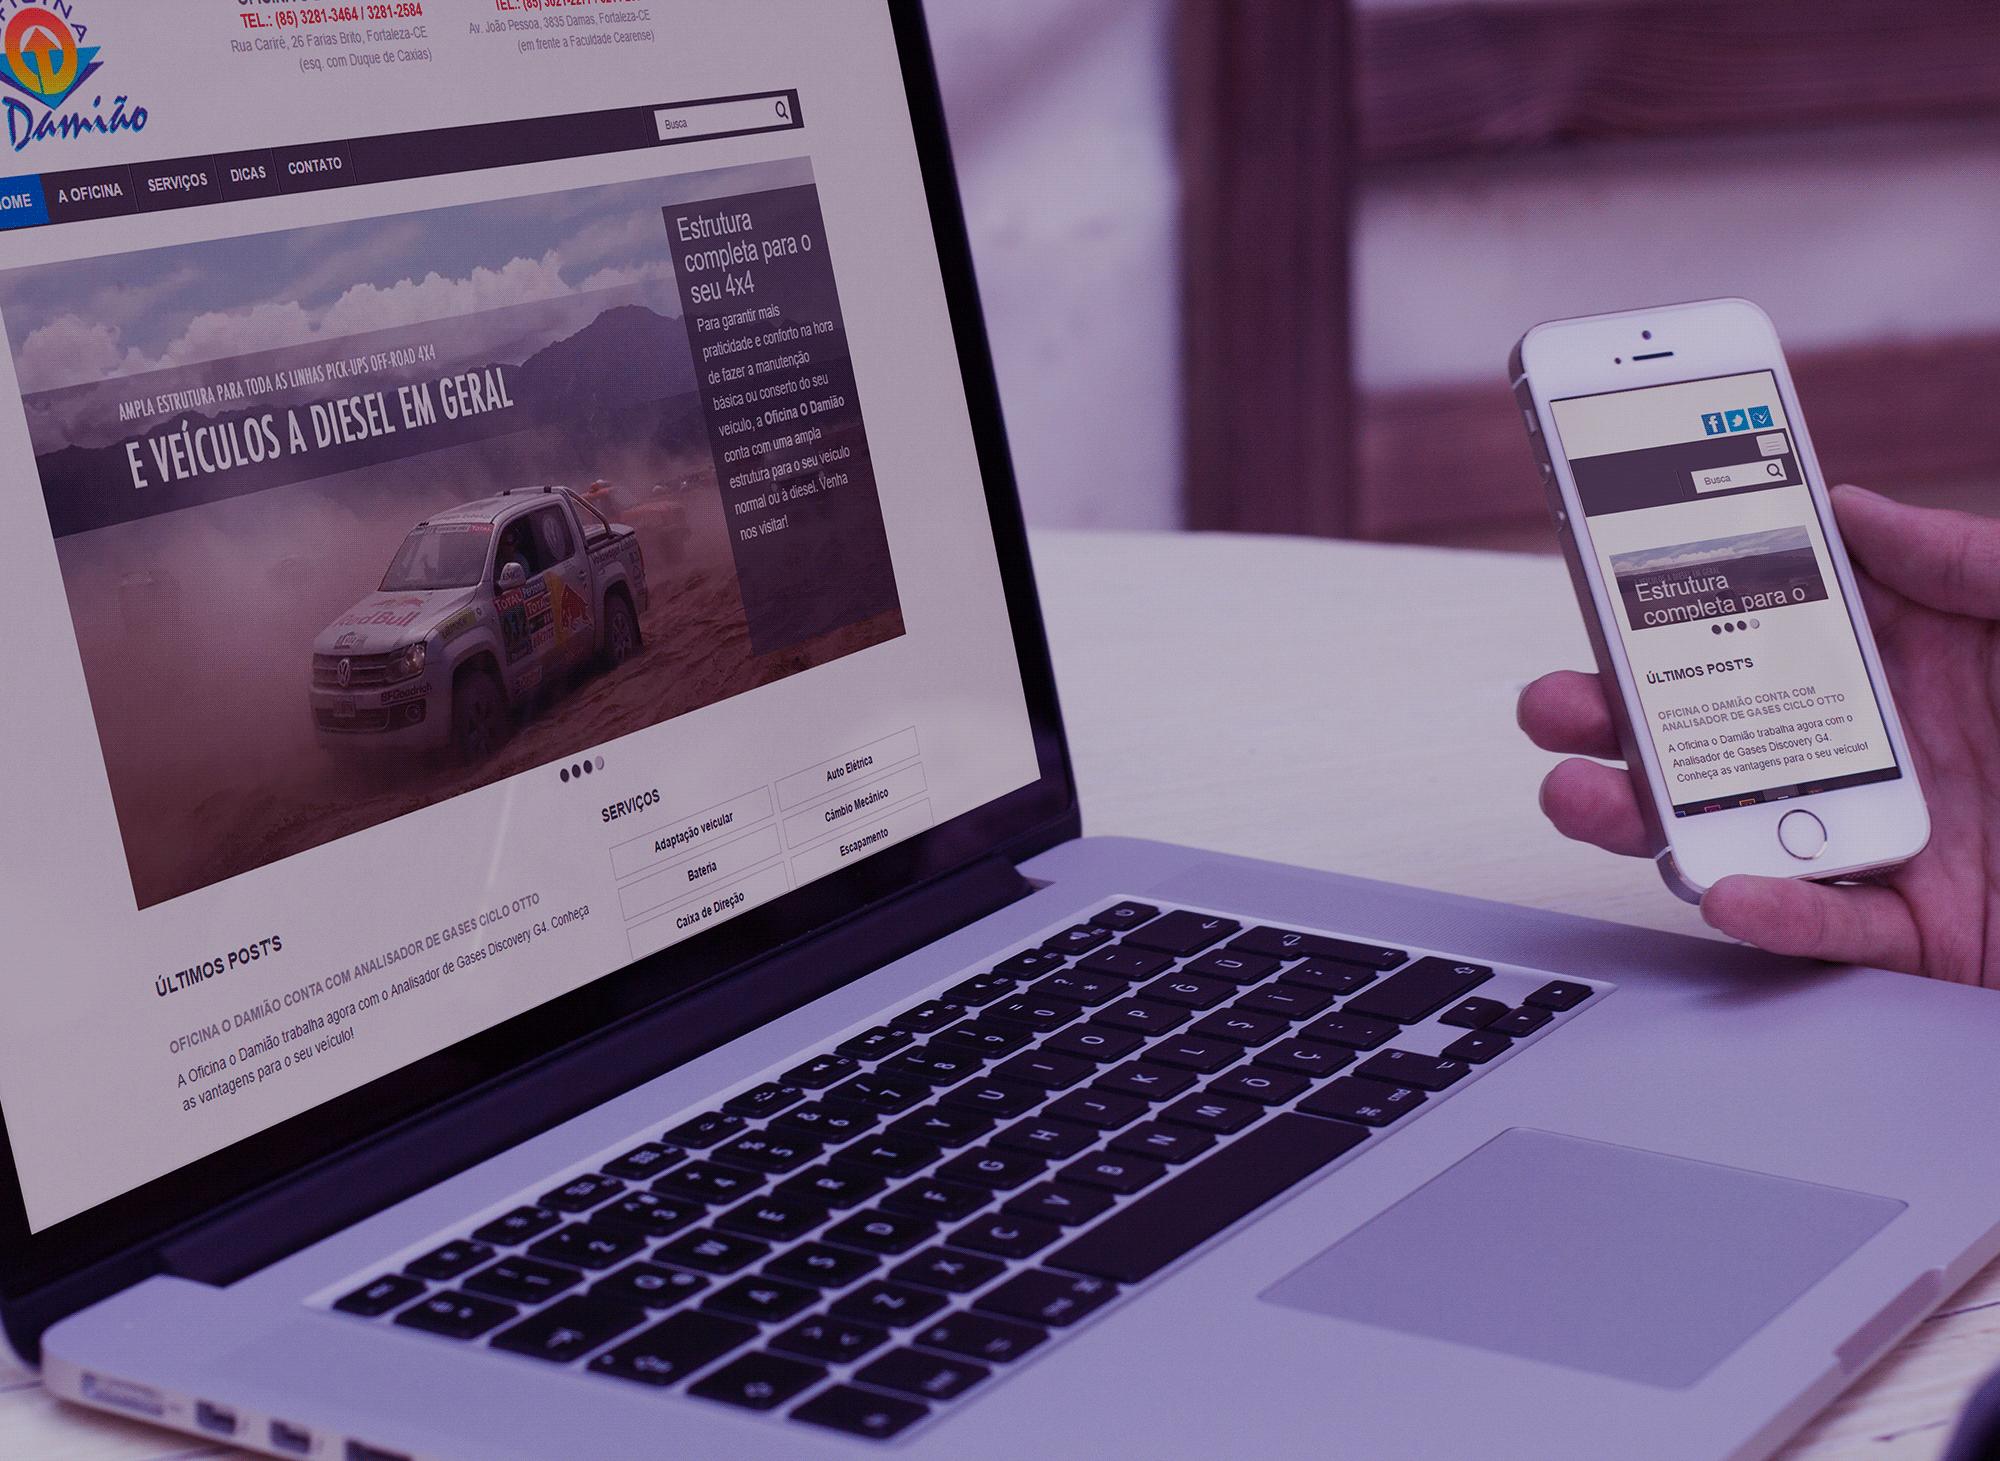 site-oficina-o-damiao-portfolio-criacao-sites-agencia-diretriz-digital-marketing